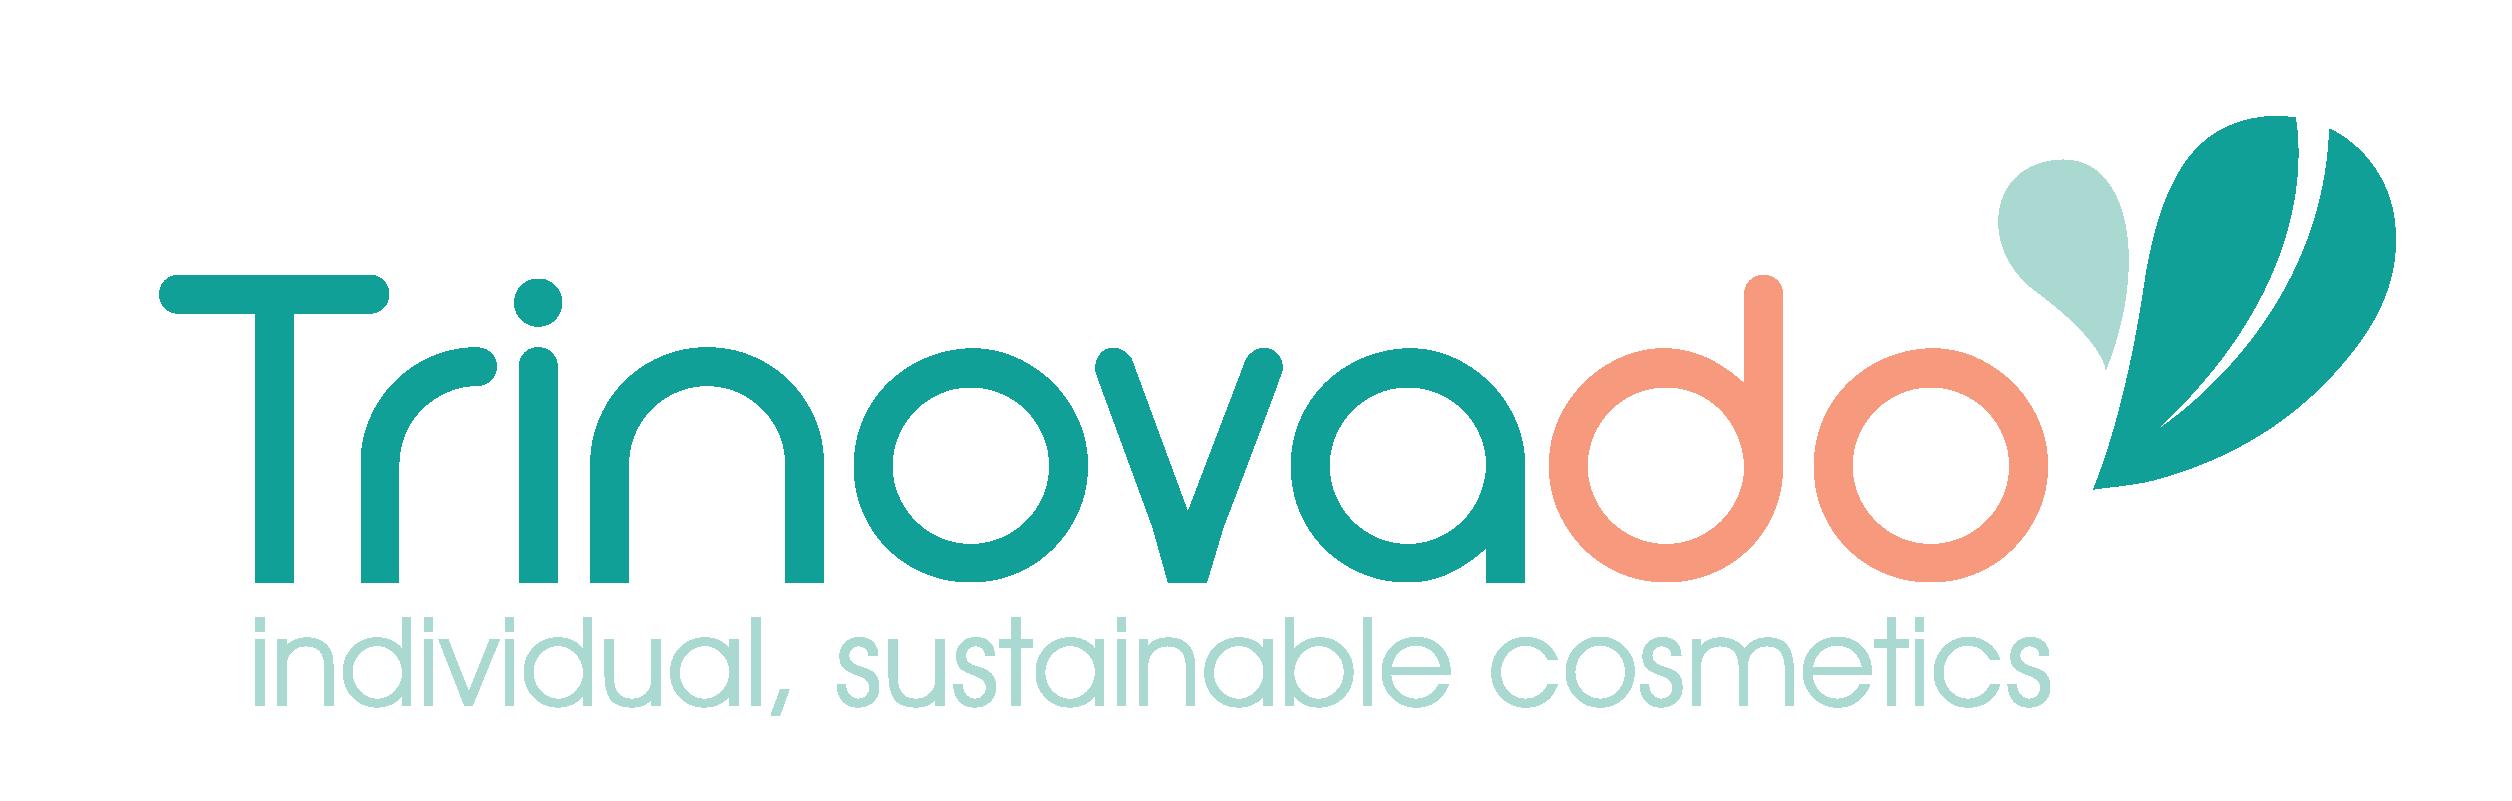 Unsere Werte: <br> Produkte im Einklang mit Mensch und Natur